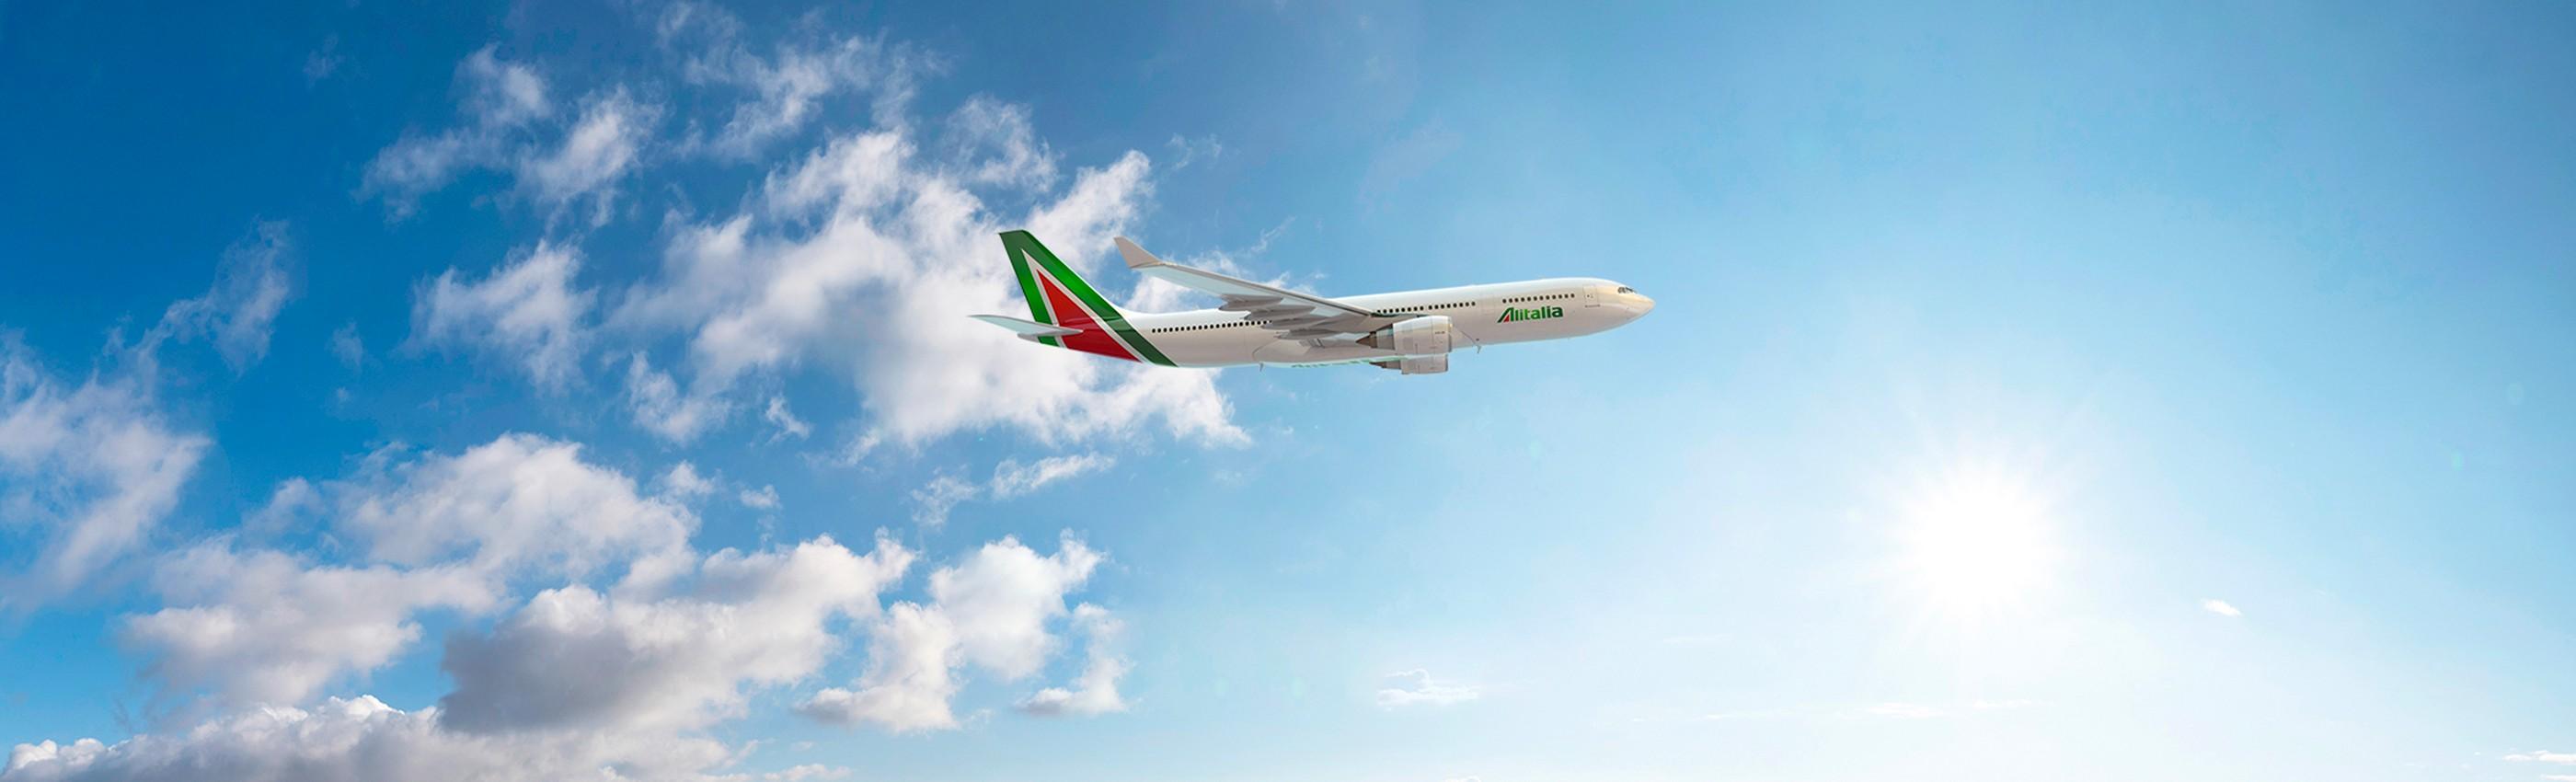 Resultado de imagen para Alitalia